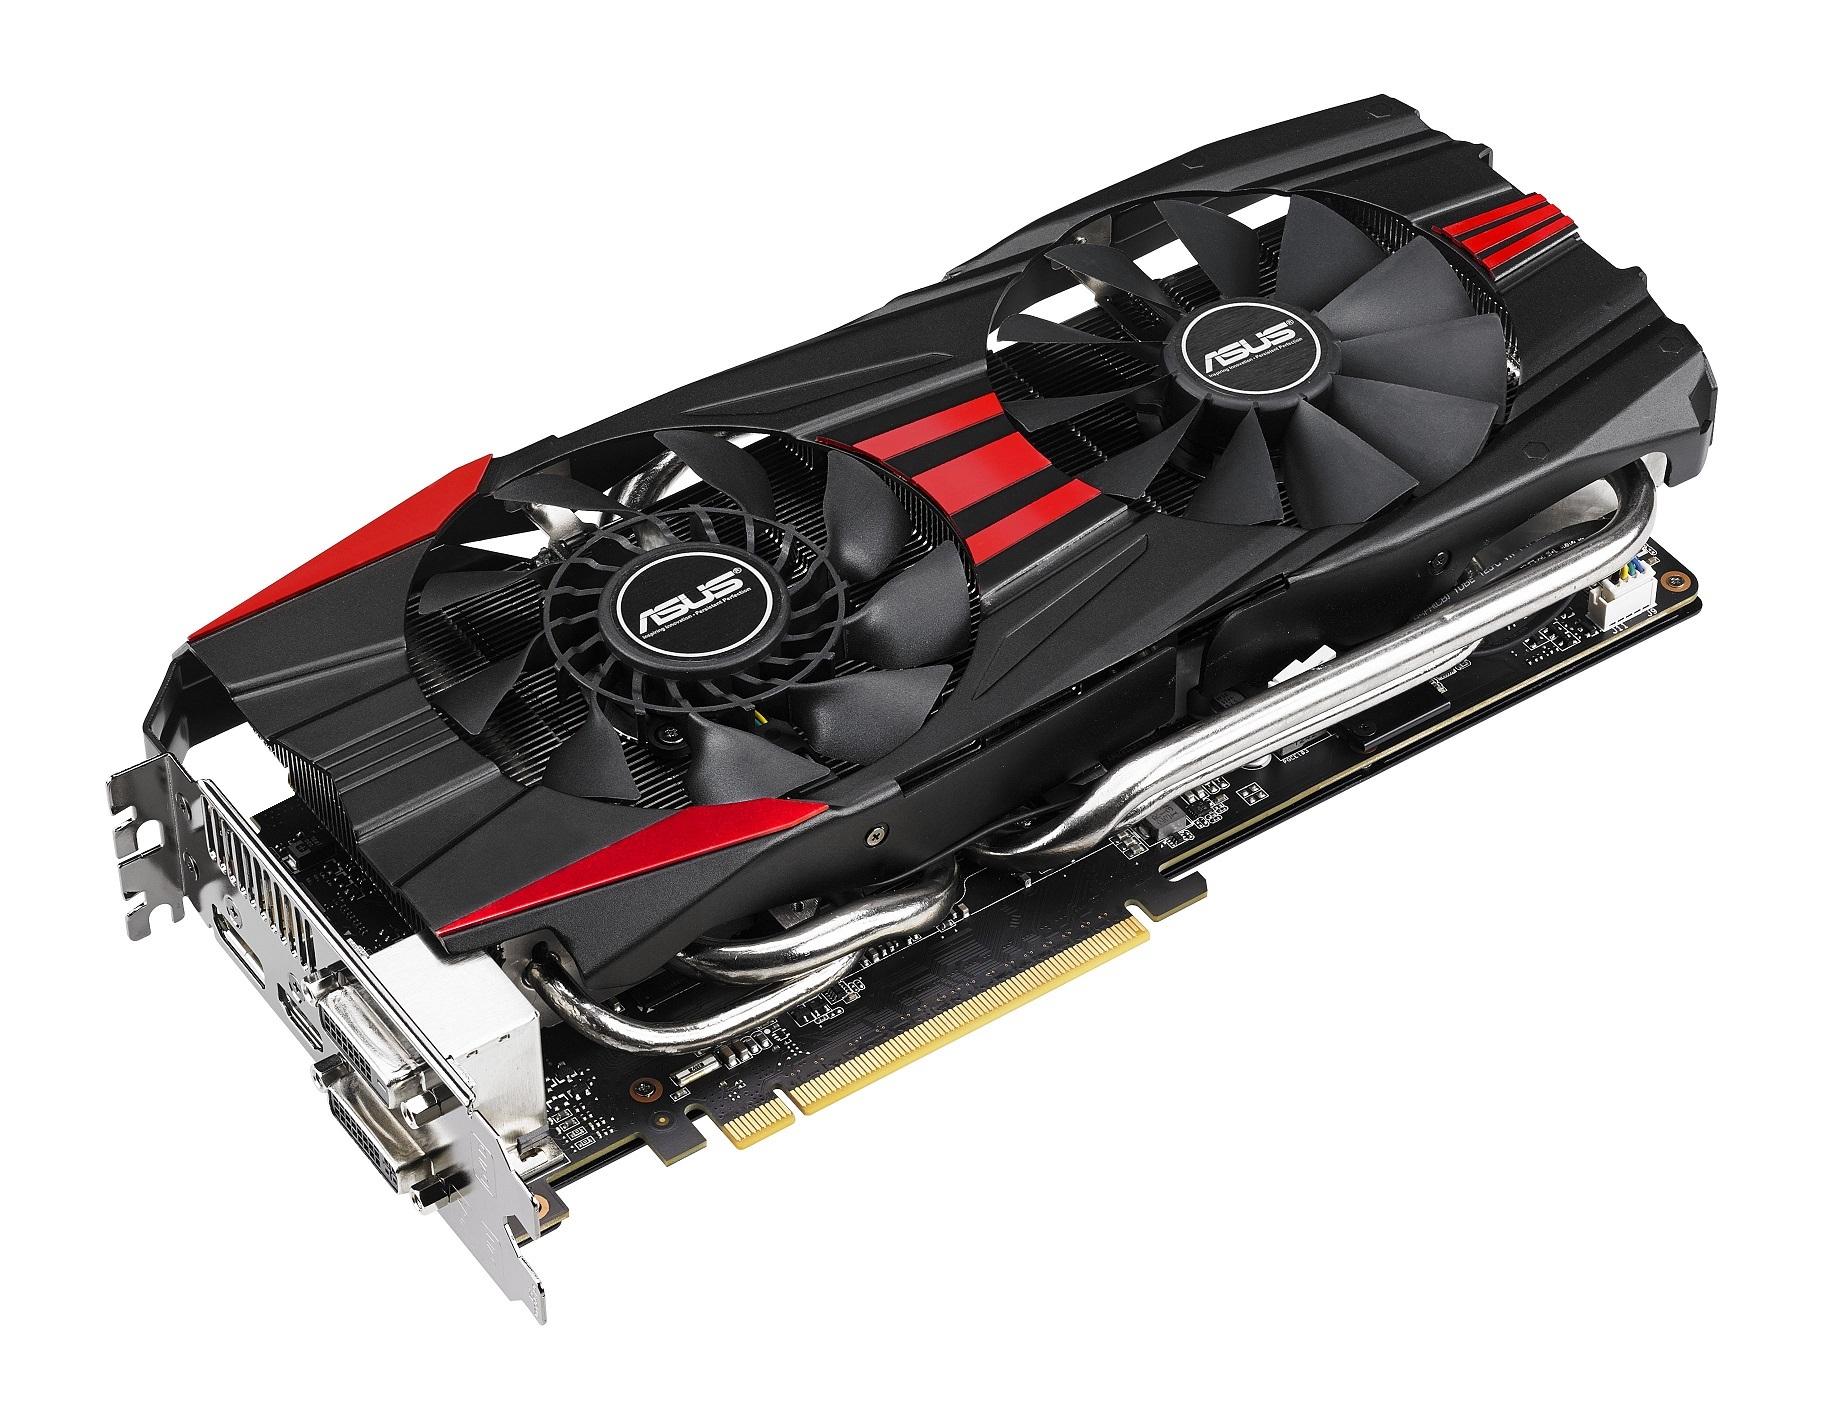 ASUS Radeon R9 280X DirectCU II TOP And Radeon R9 270X